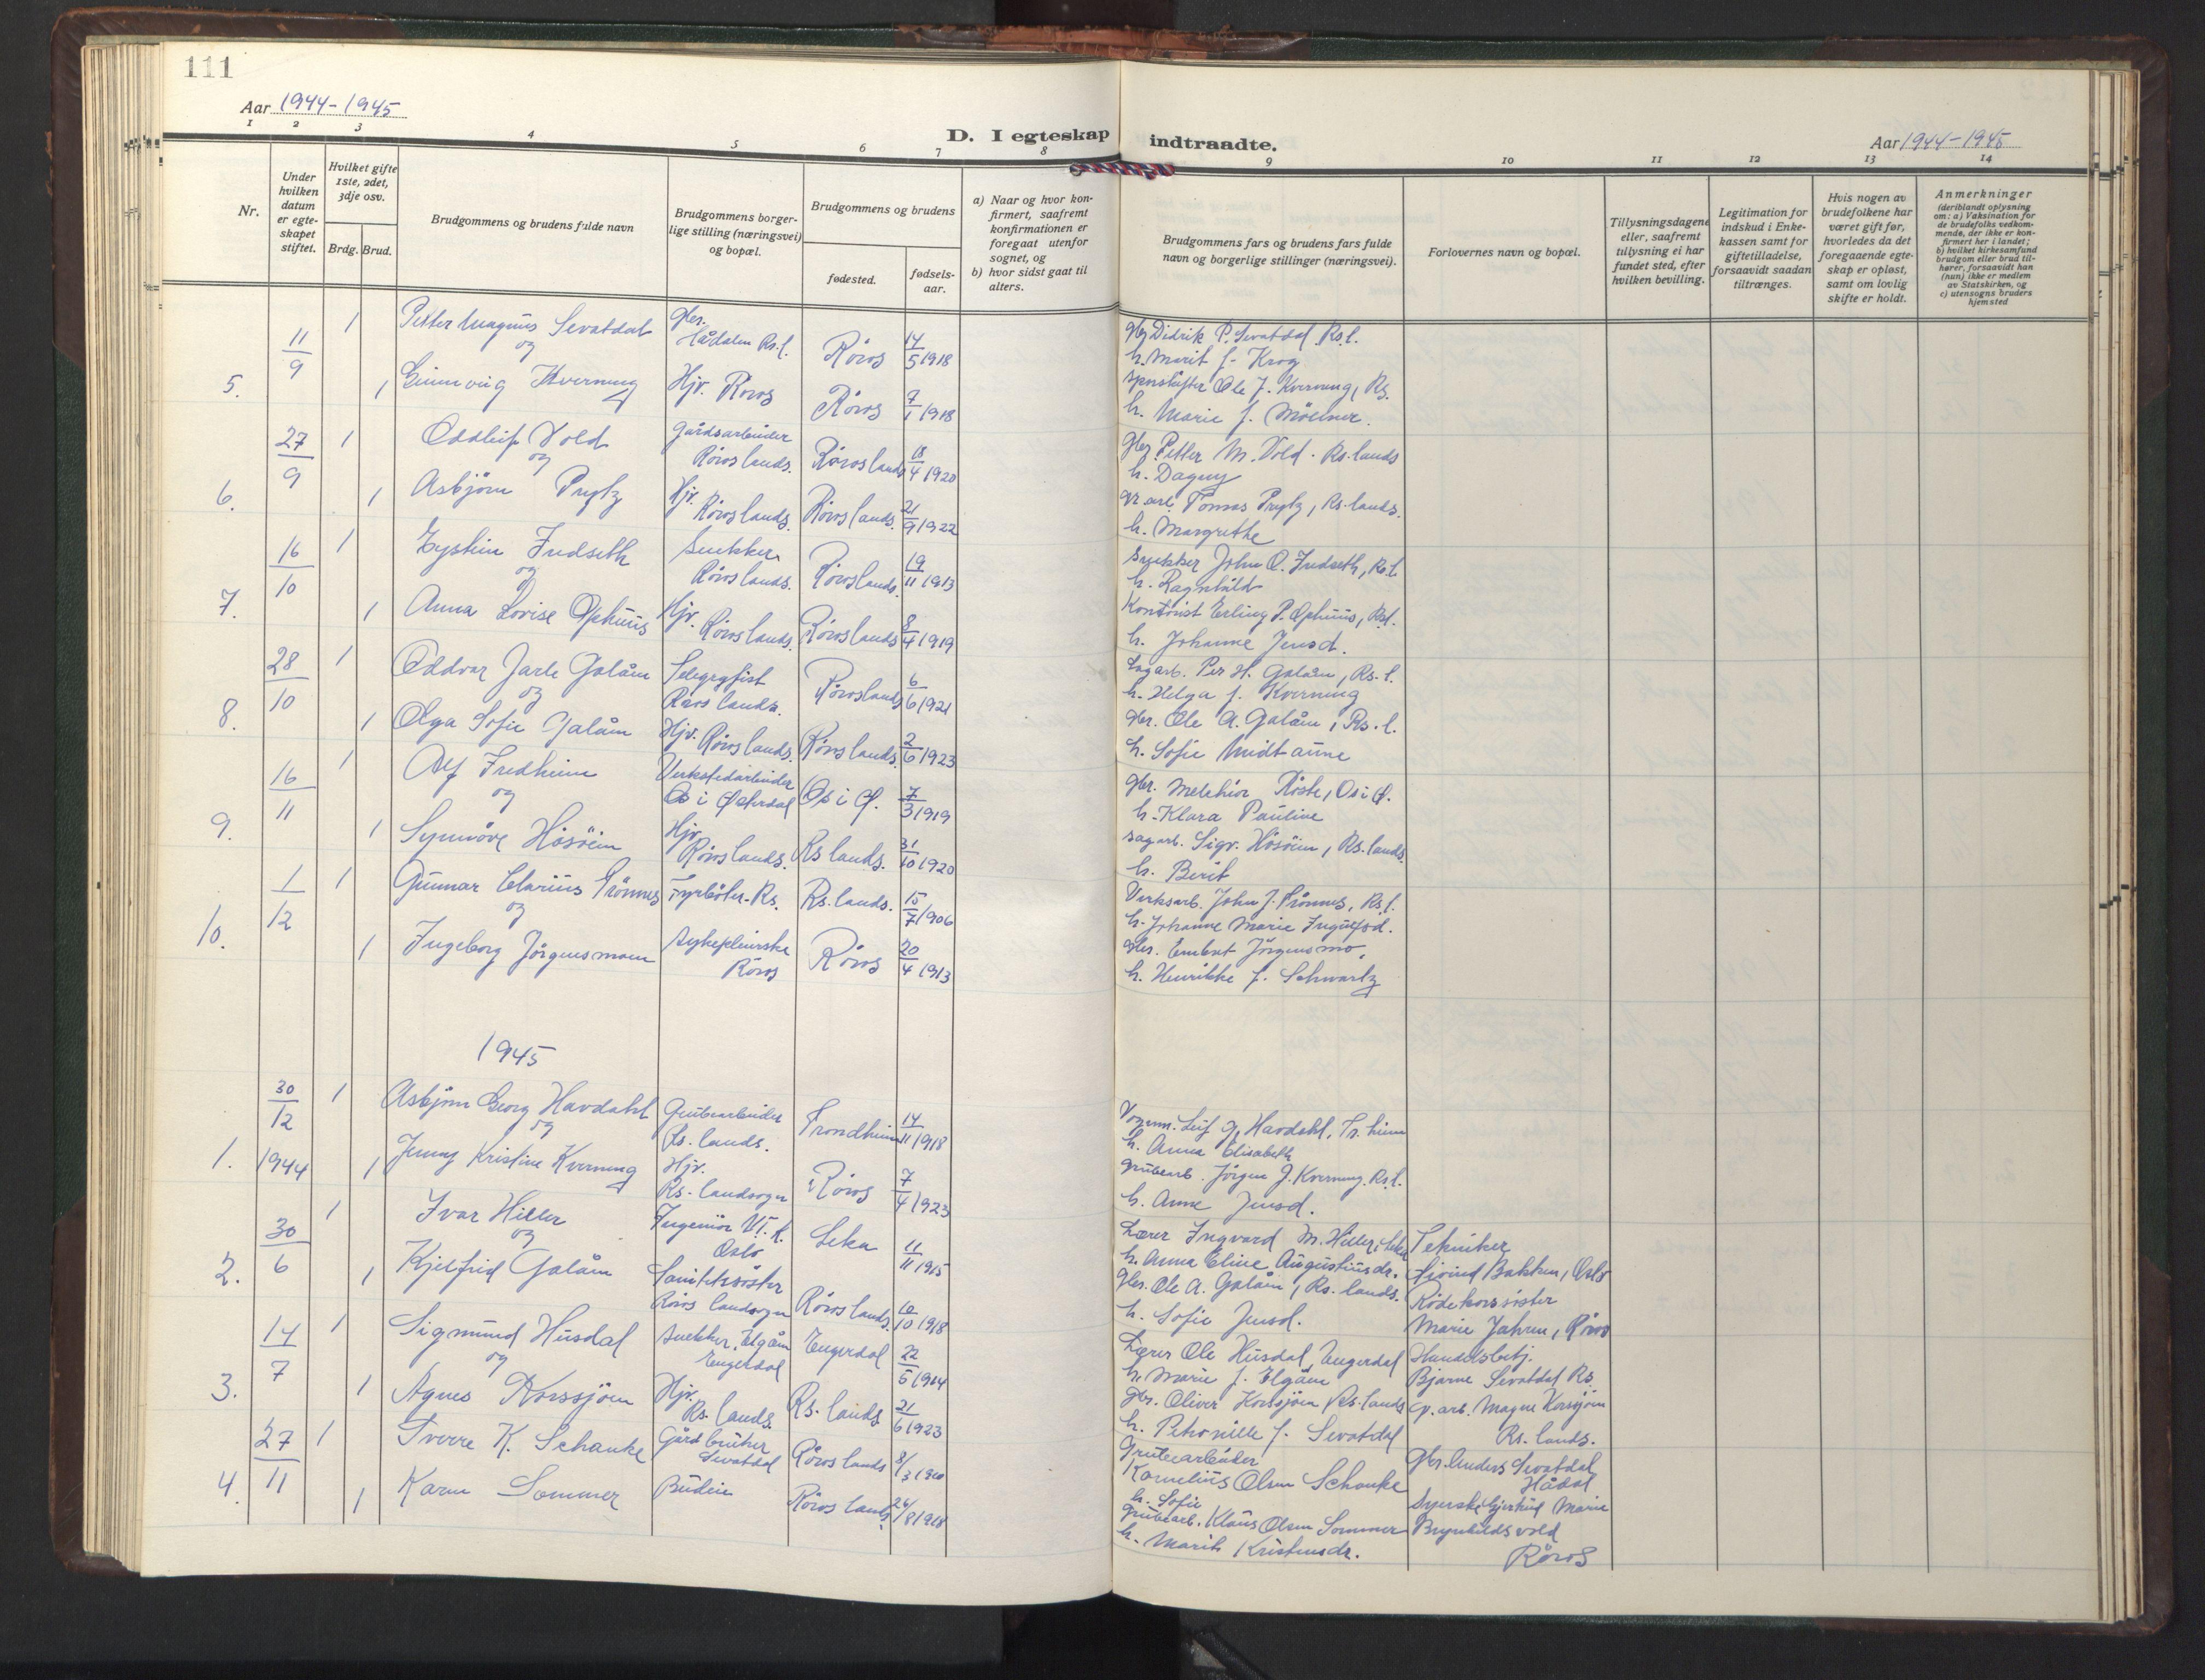 SAT, Ministerialprotokoller, klokkerbøker og fødselsregistre - Sør-Trøndelag, 681/L0944: Klokkerbok nr. 681C08, 1926-1954, s. 111